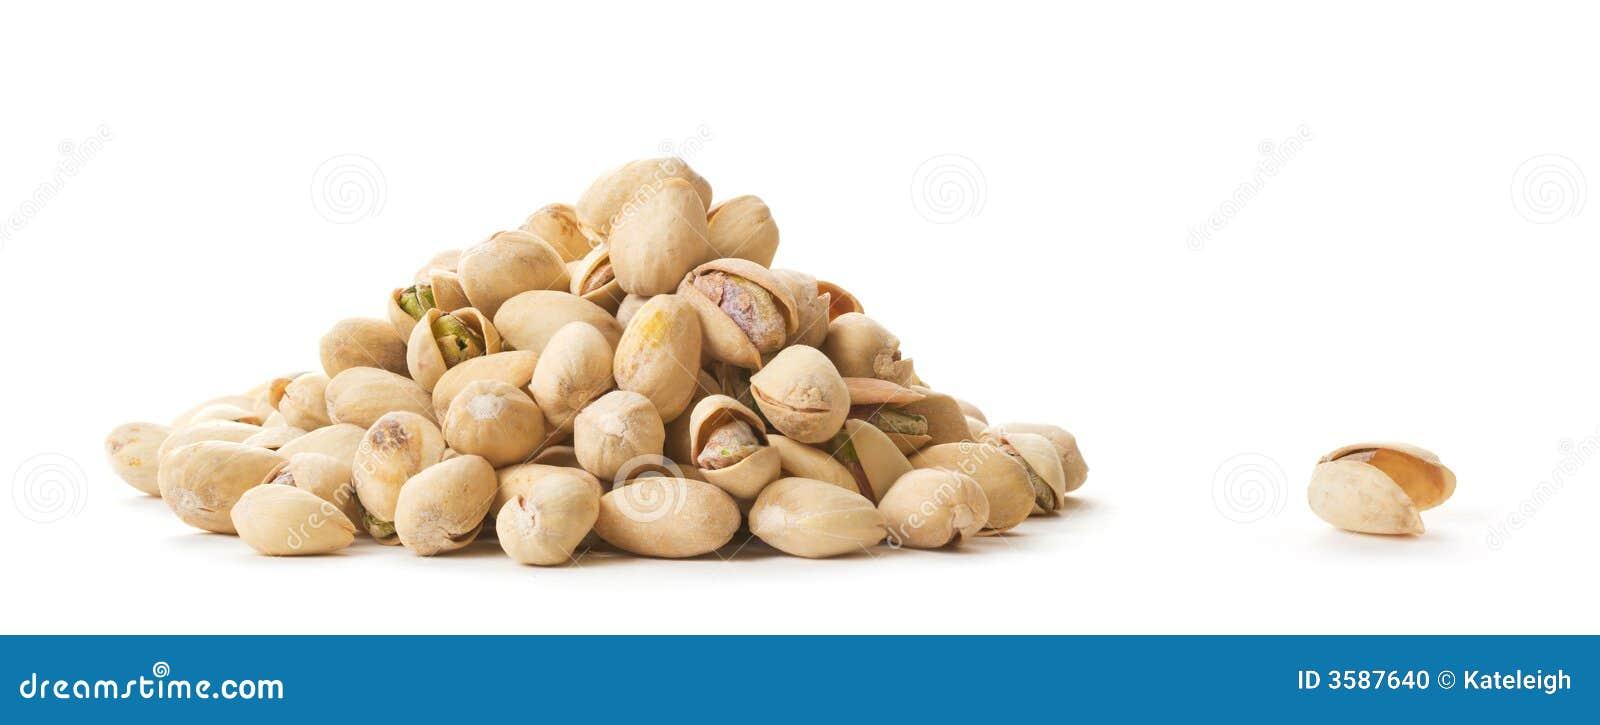 Empty Nutshell beside Pistachios